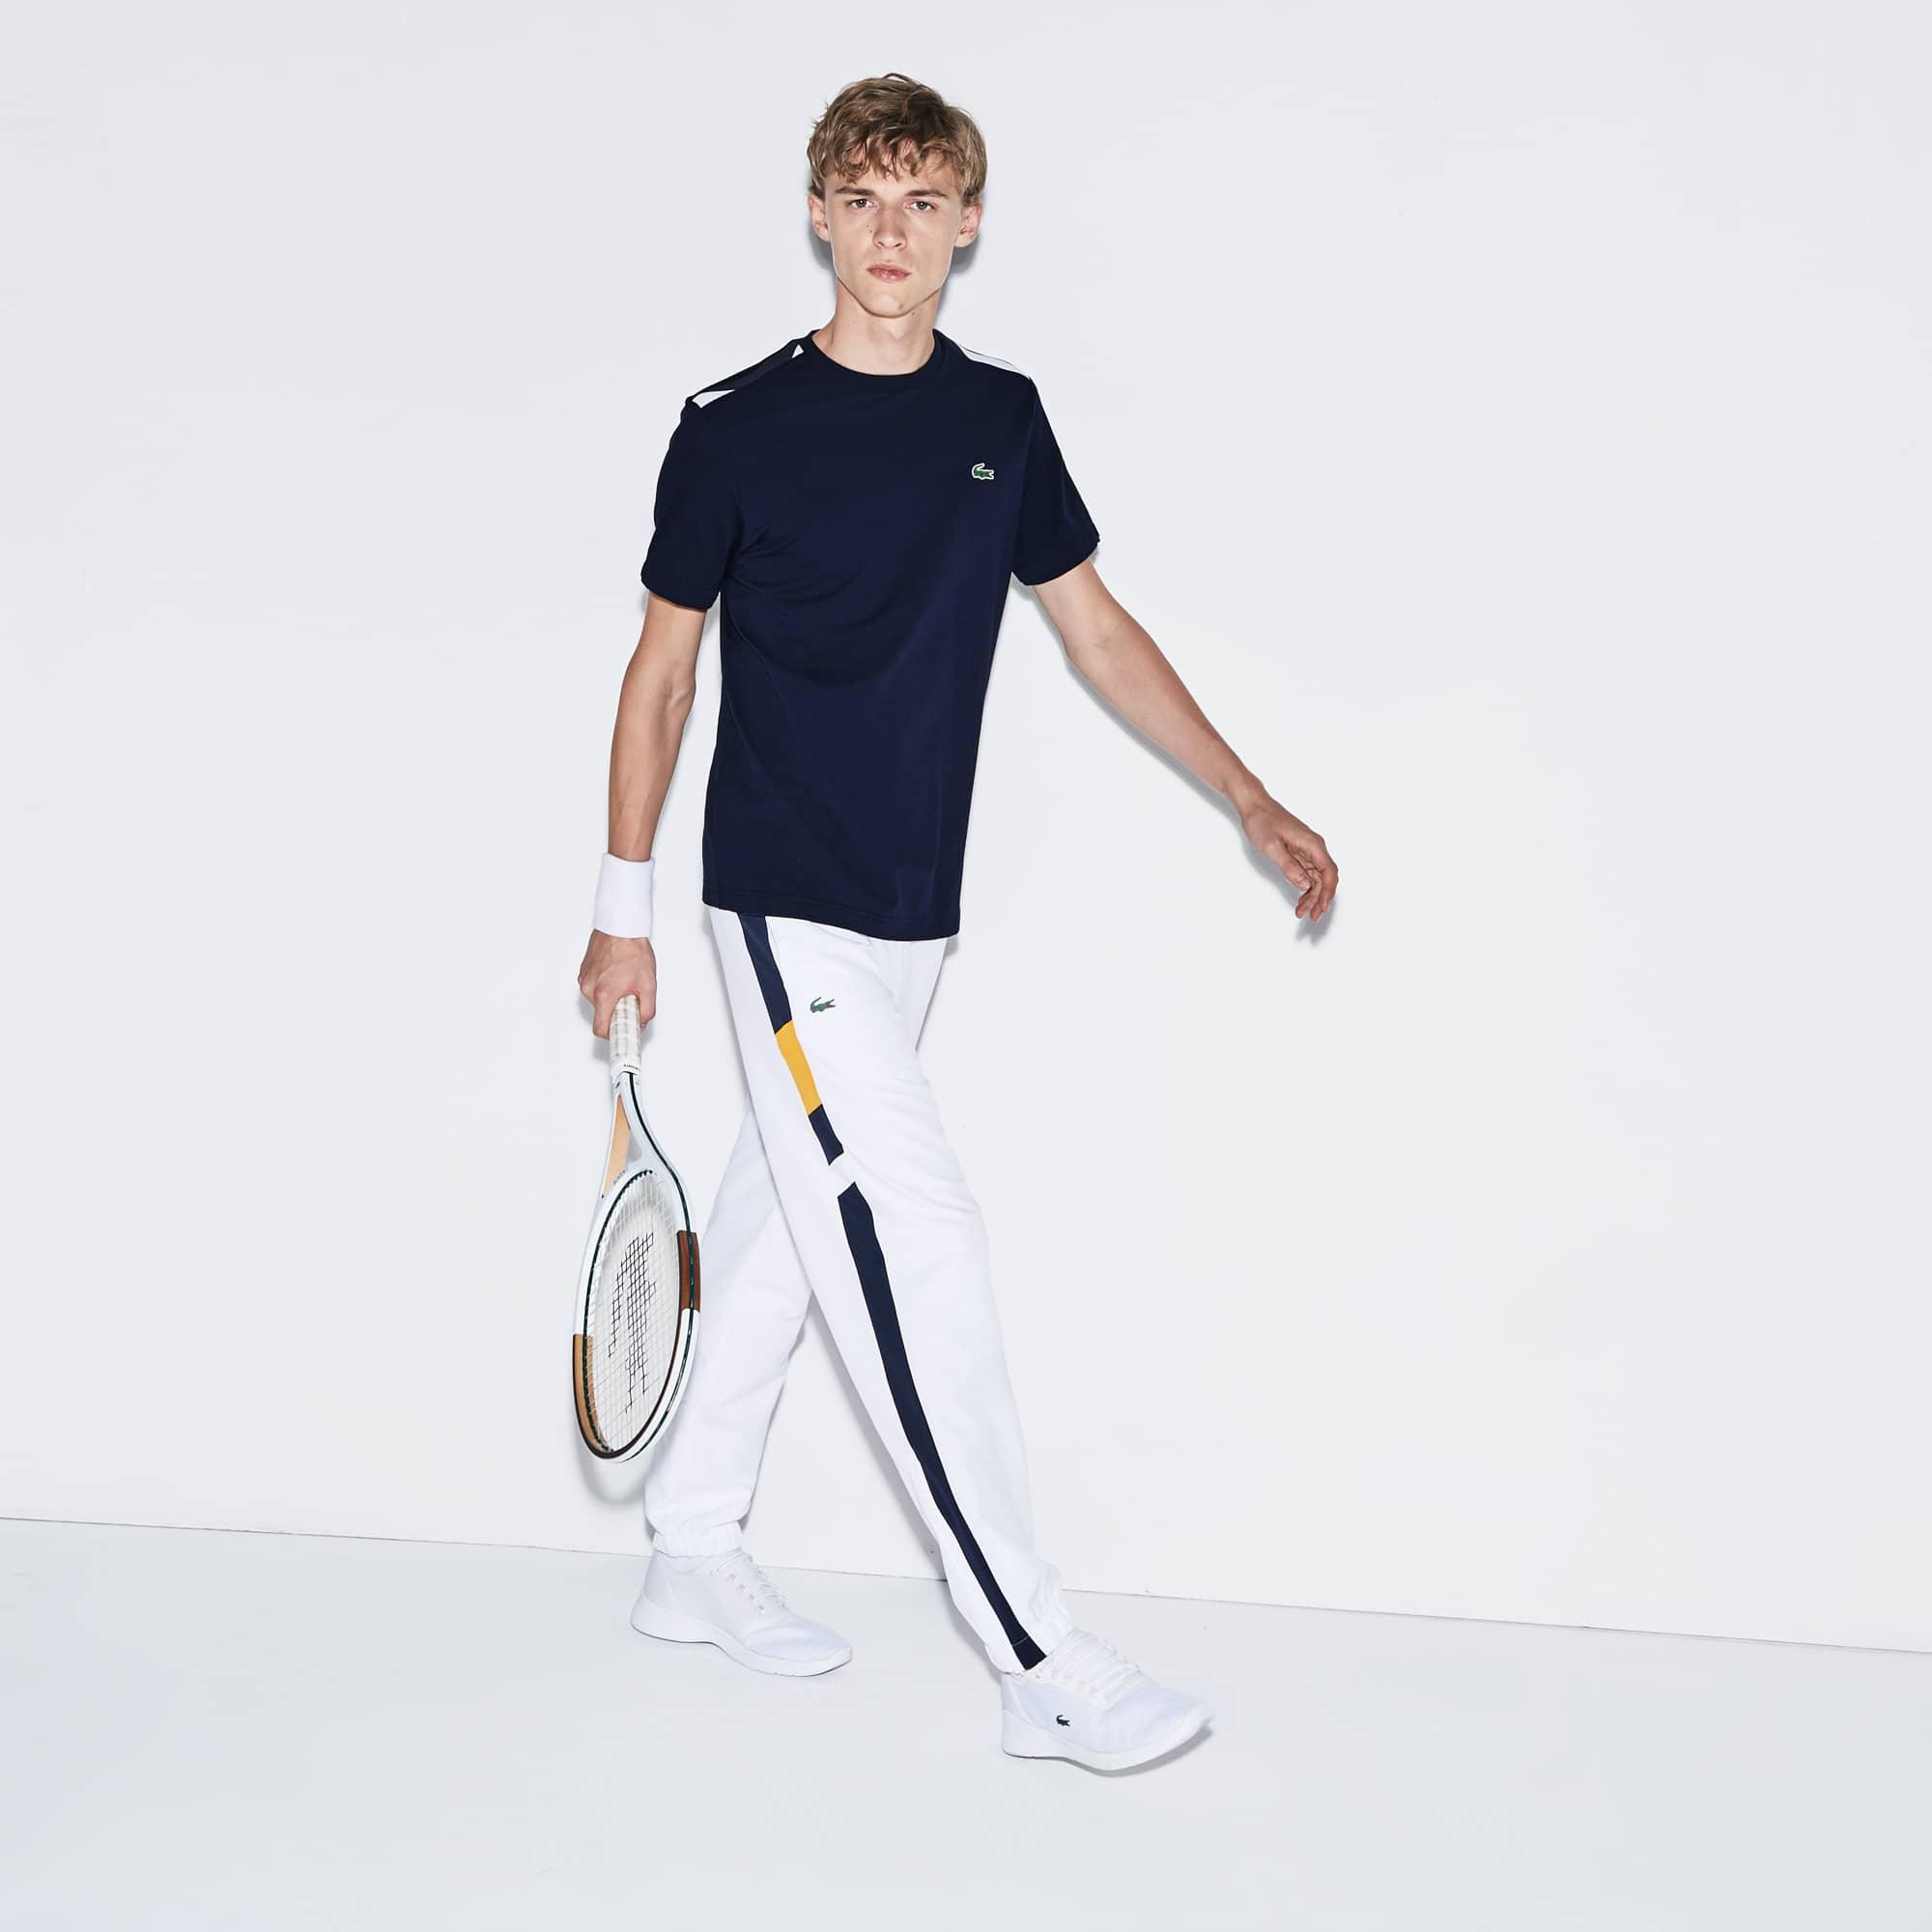 Men's SPORT Contrast Accents Cotton Tennis T-shirt